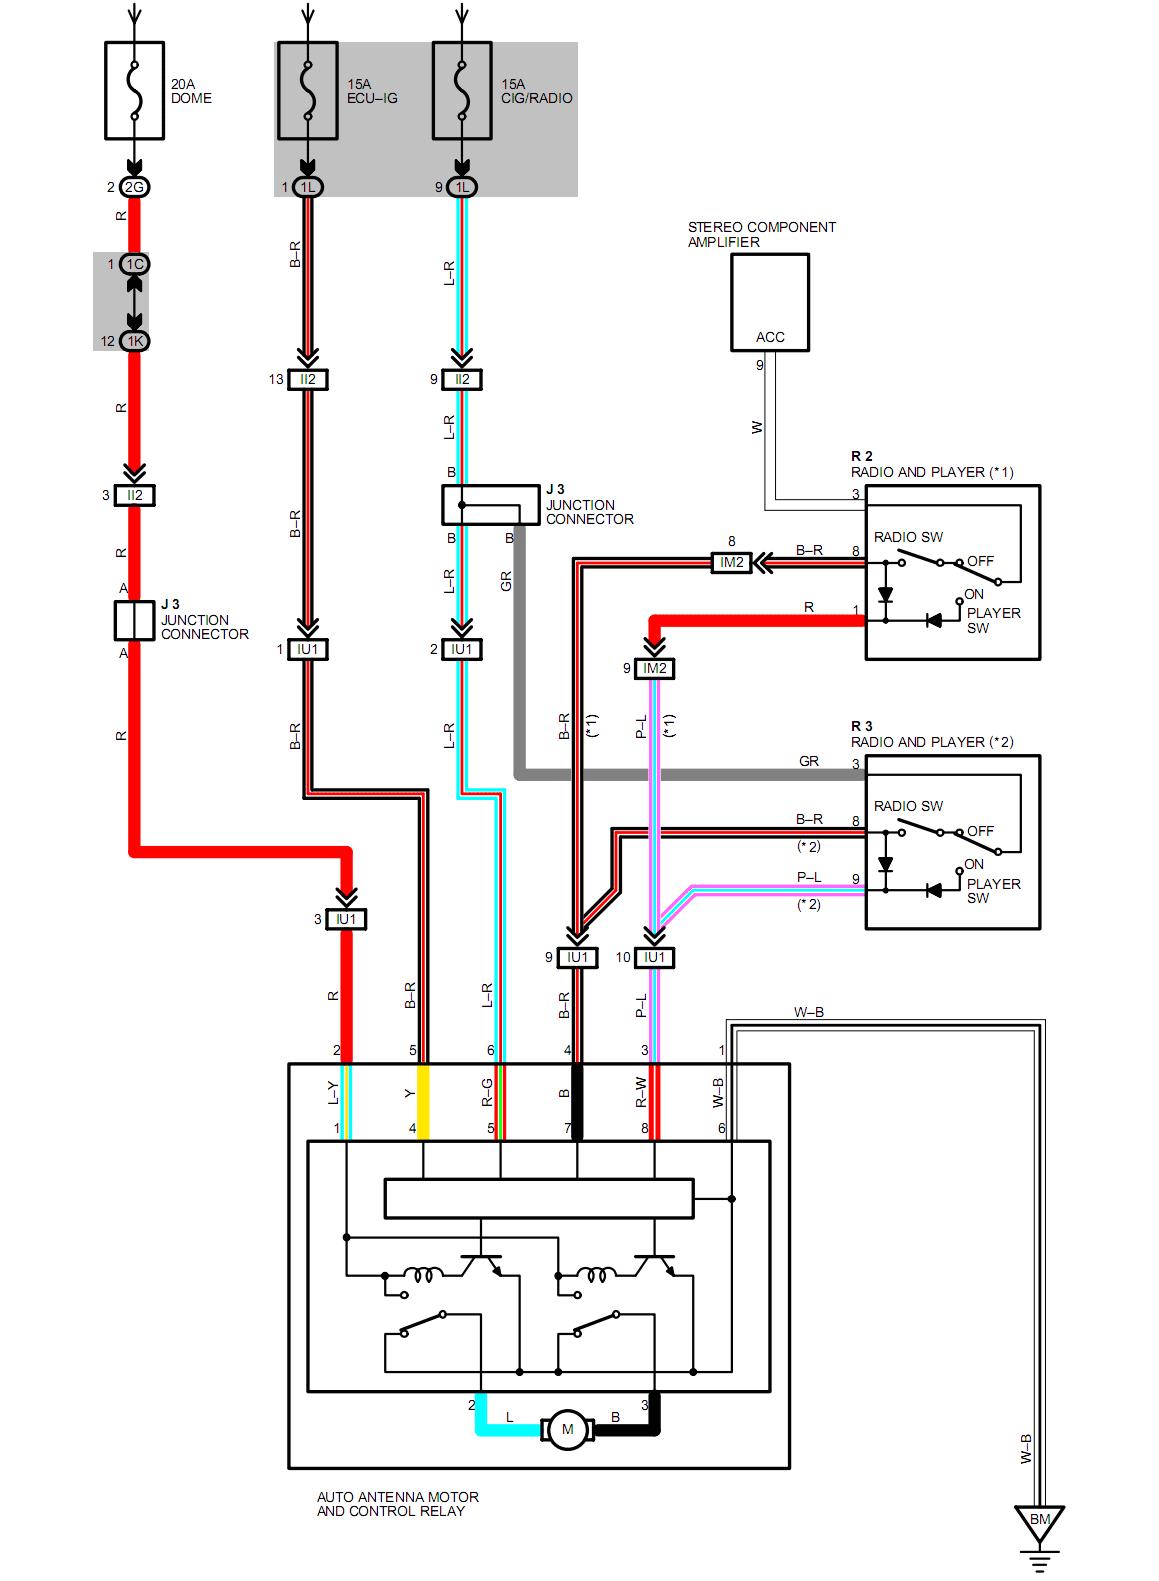 buick power antenna wiring diagram wiring diagram split buick power antenna wiring diagram